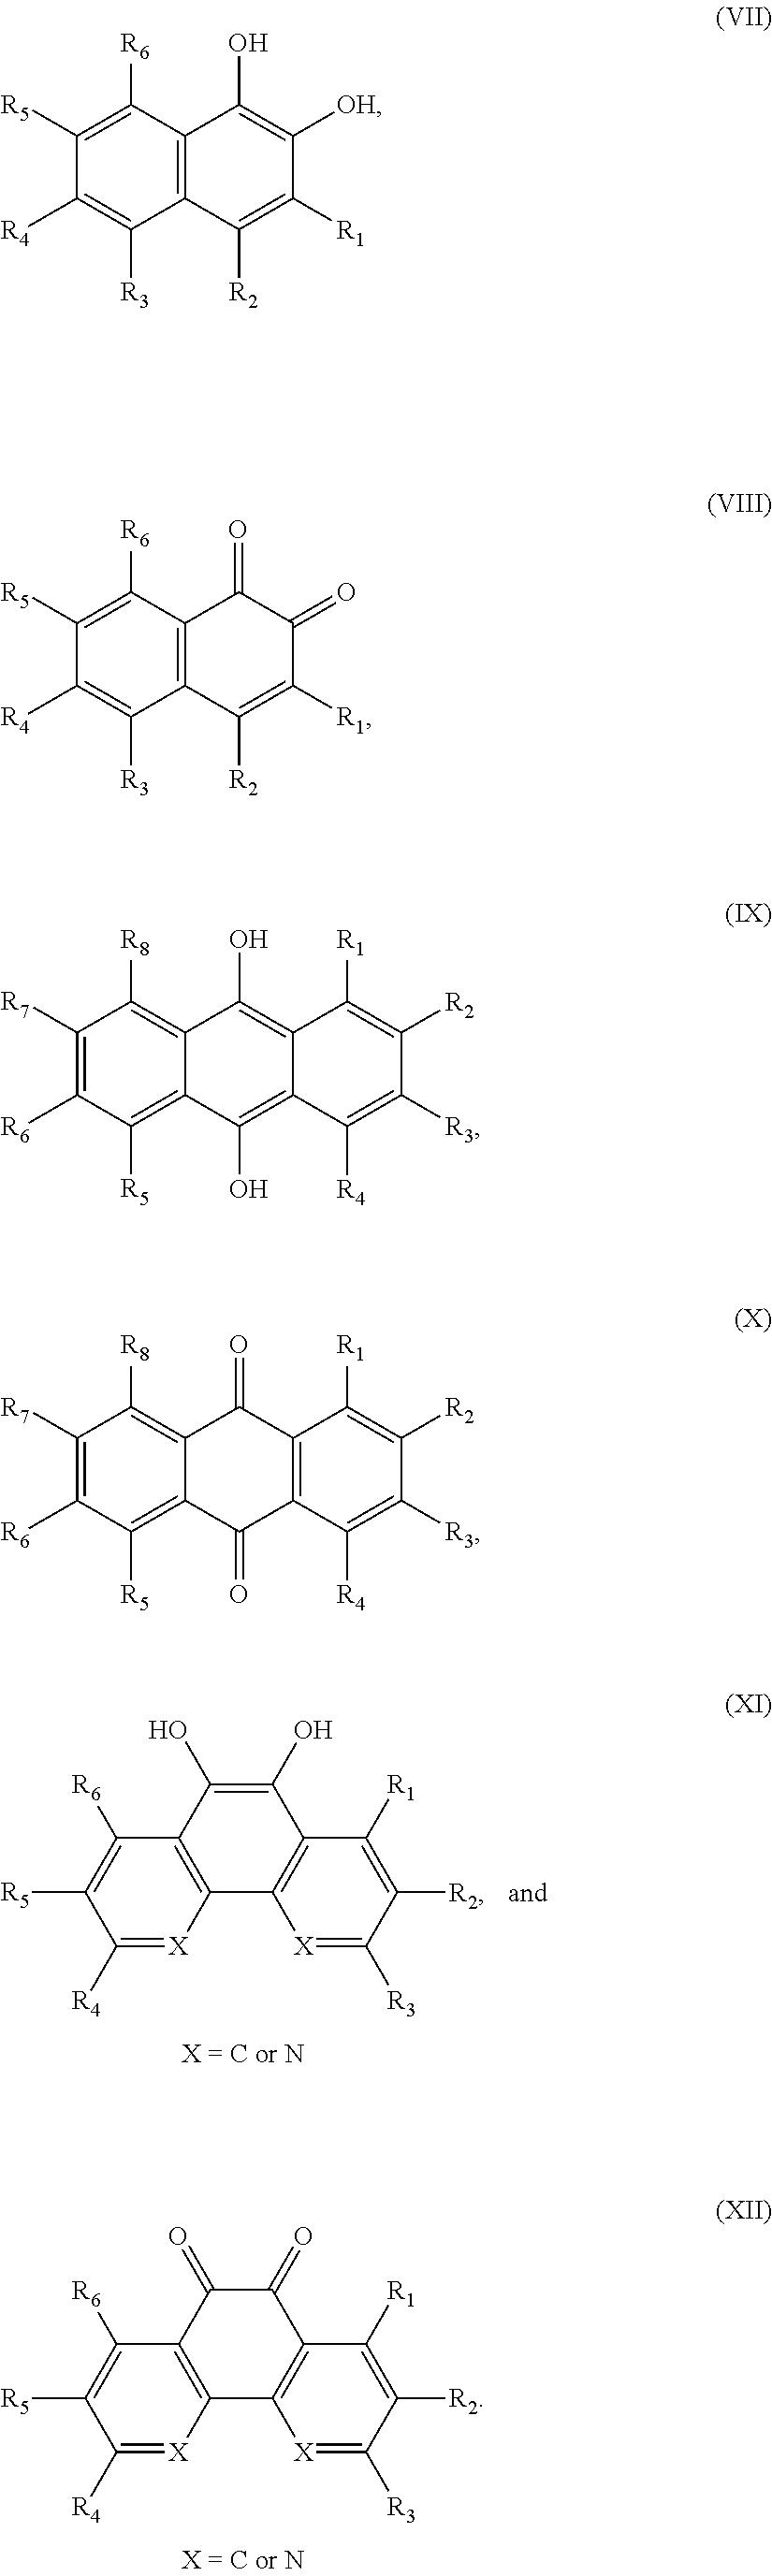 Figure US09910008-20180306-C00002